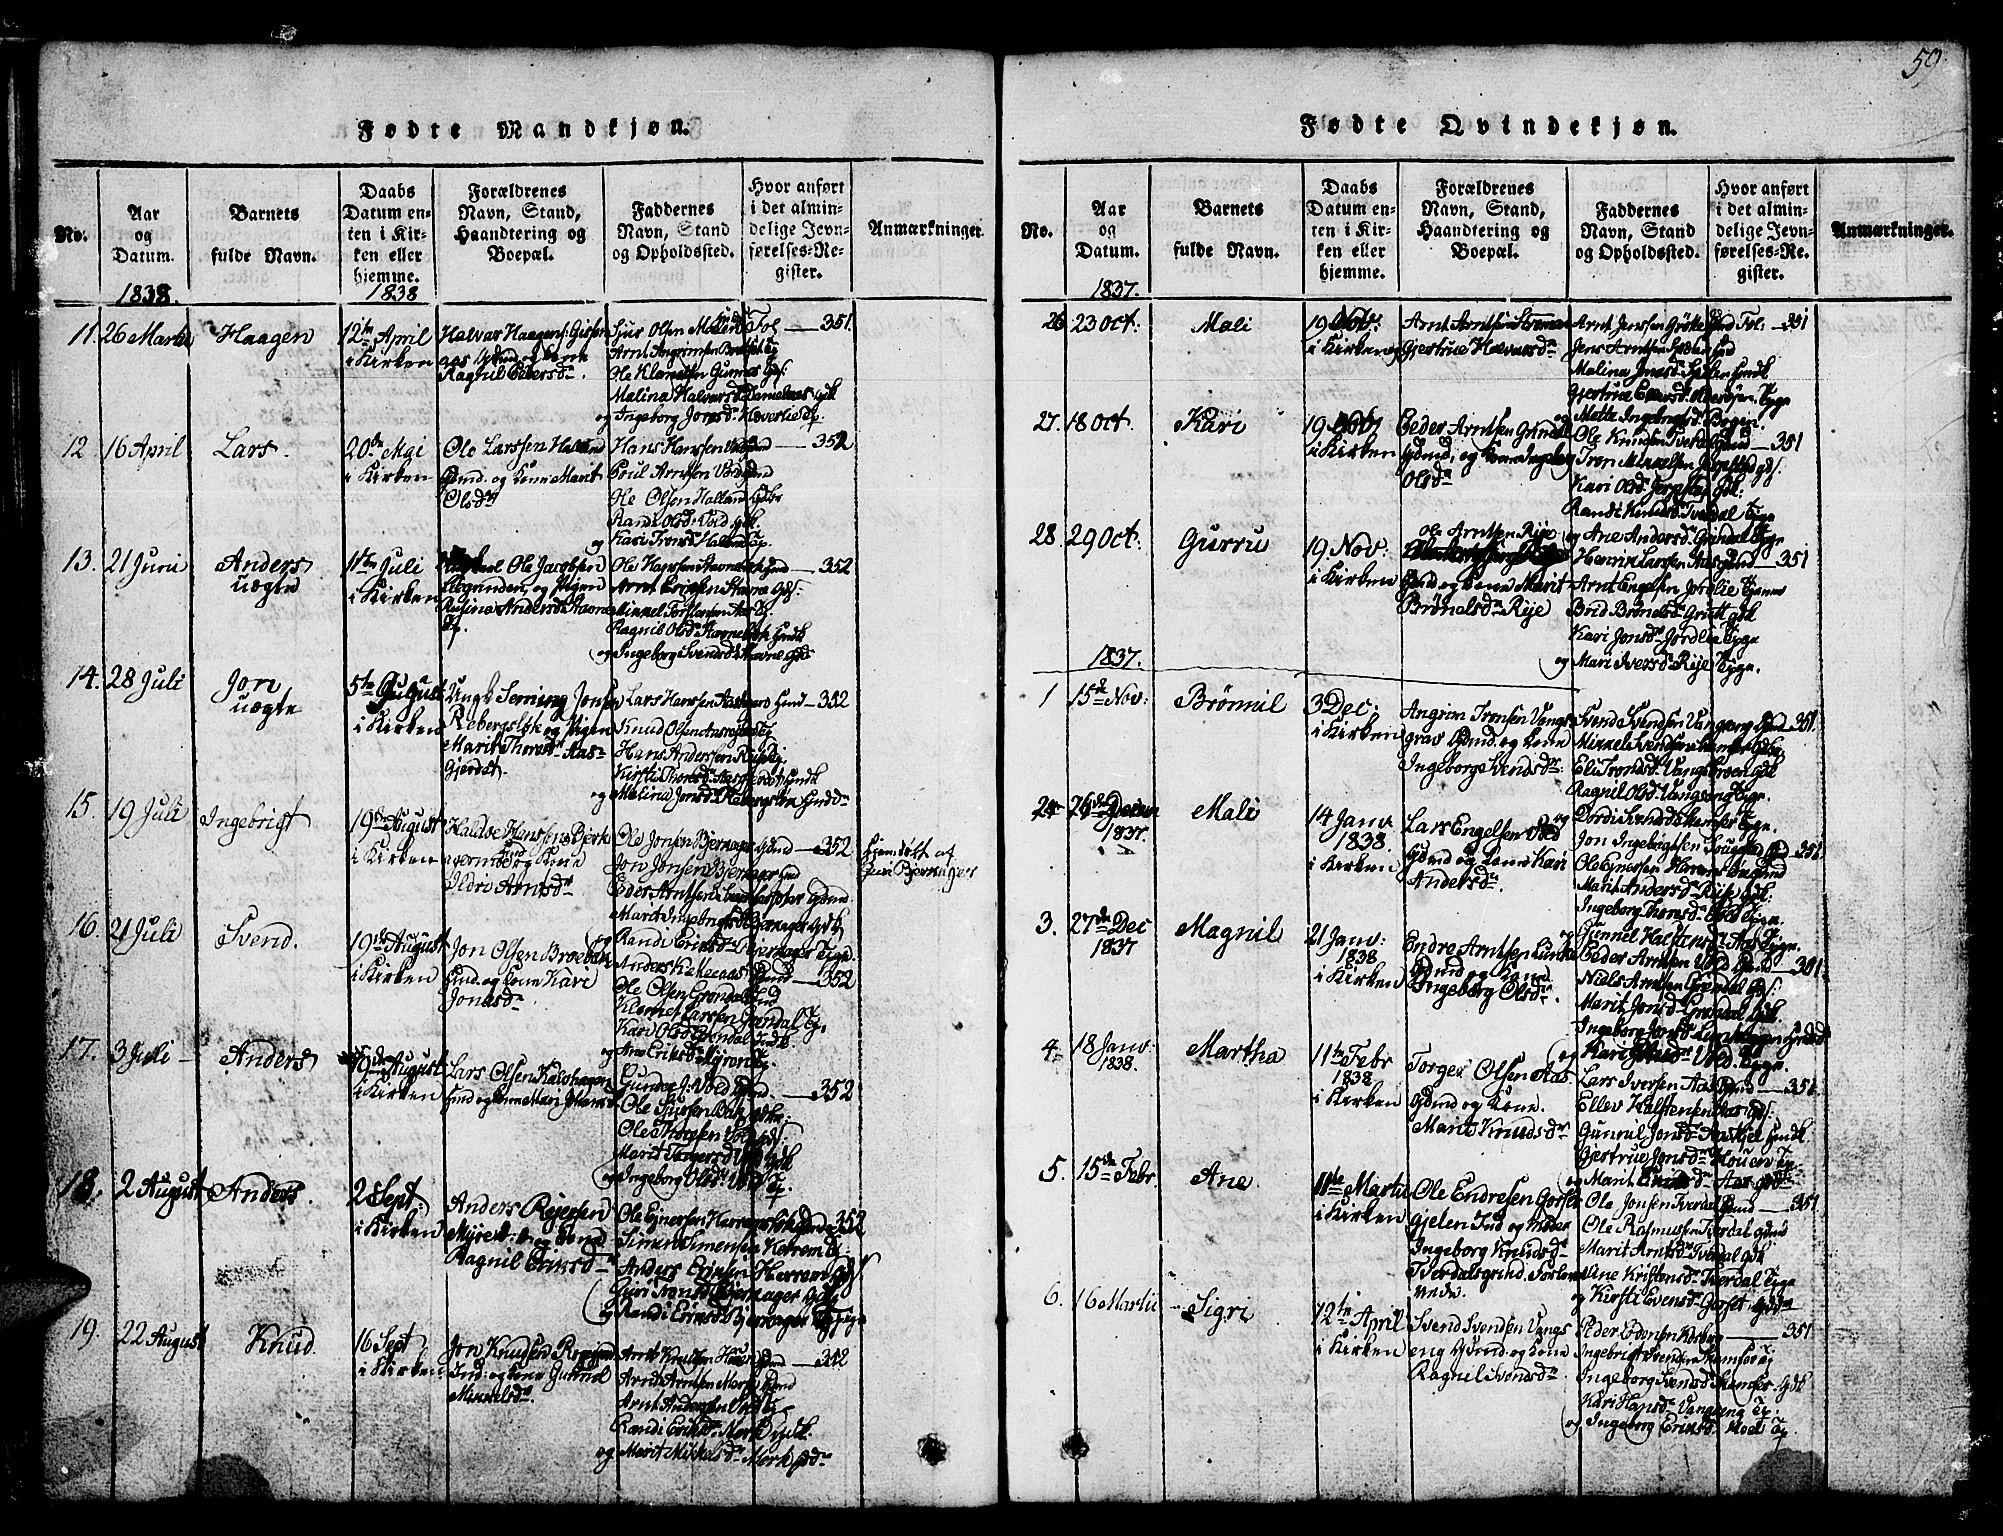 SAT, Ministerialprotokoller, klokkerbøker og fødselsregistre - Sør-Trøndelag, 674/L0874: Klokkerbok nr. 674C01, 1816-1860, s. 59